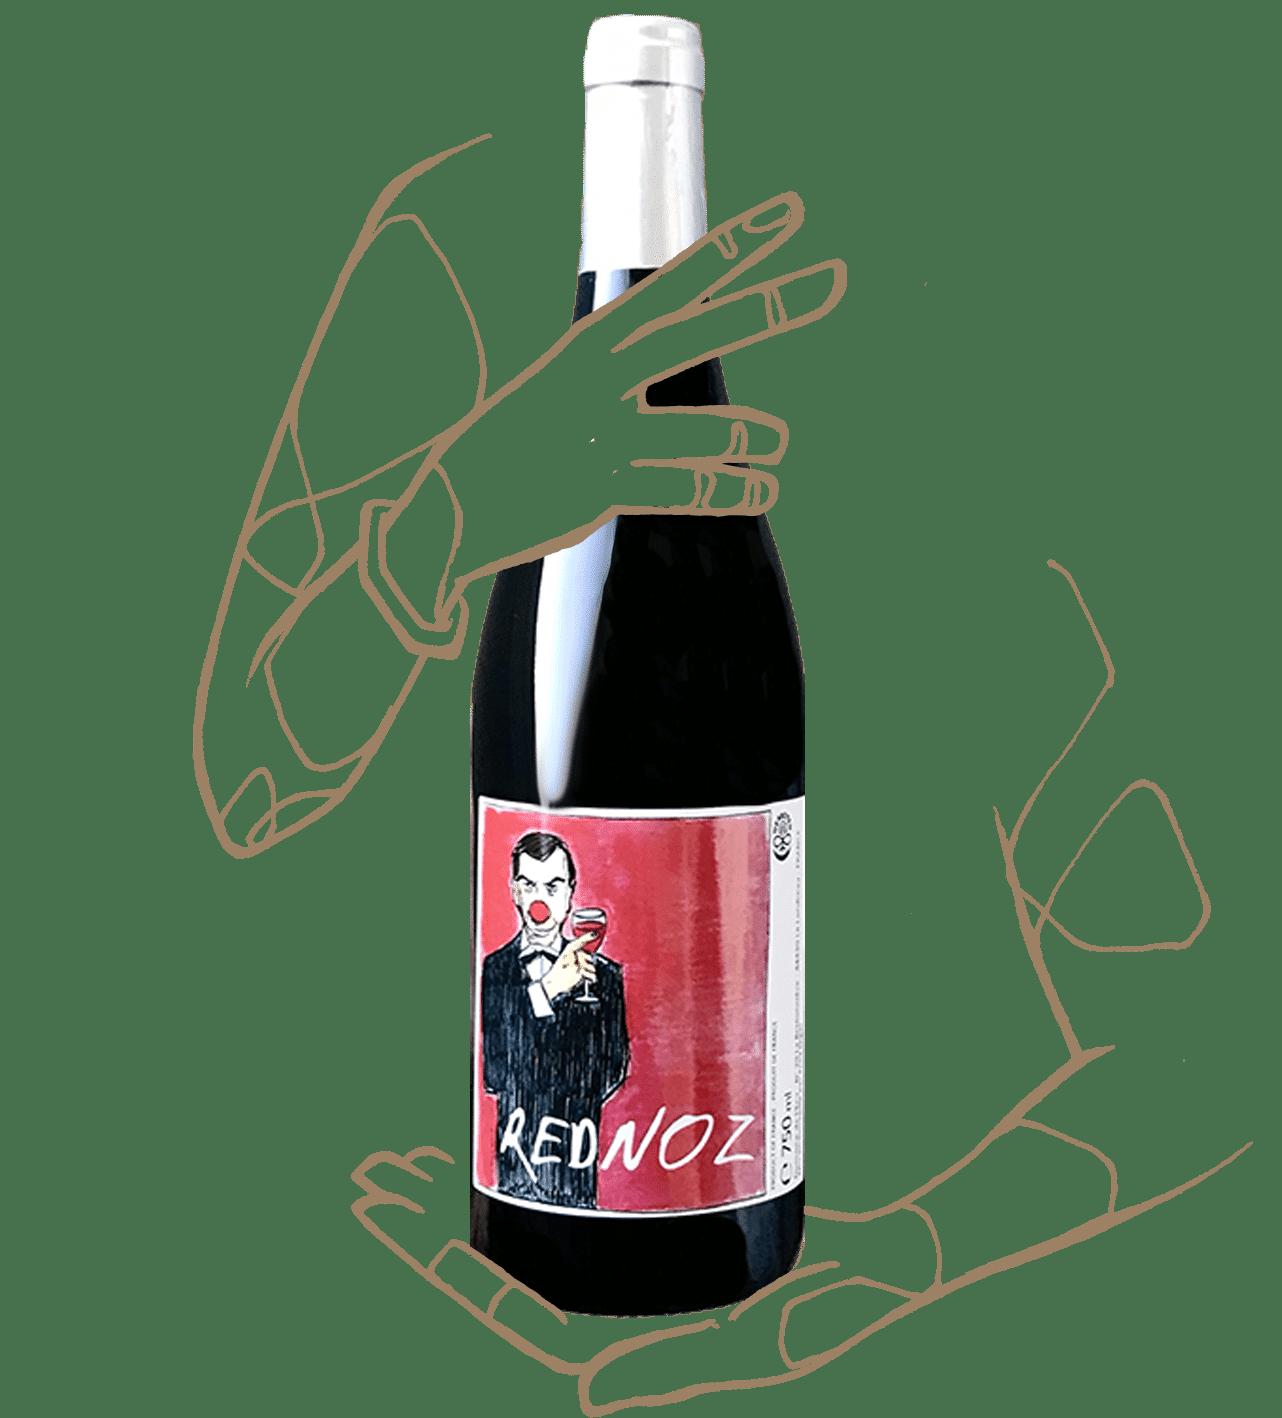 Rednoz est un vin rouge naturel de loire du domaine de l'écu